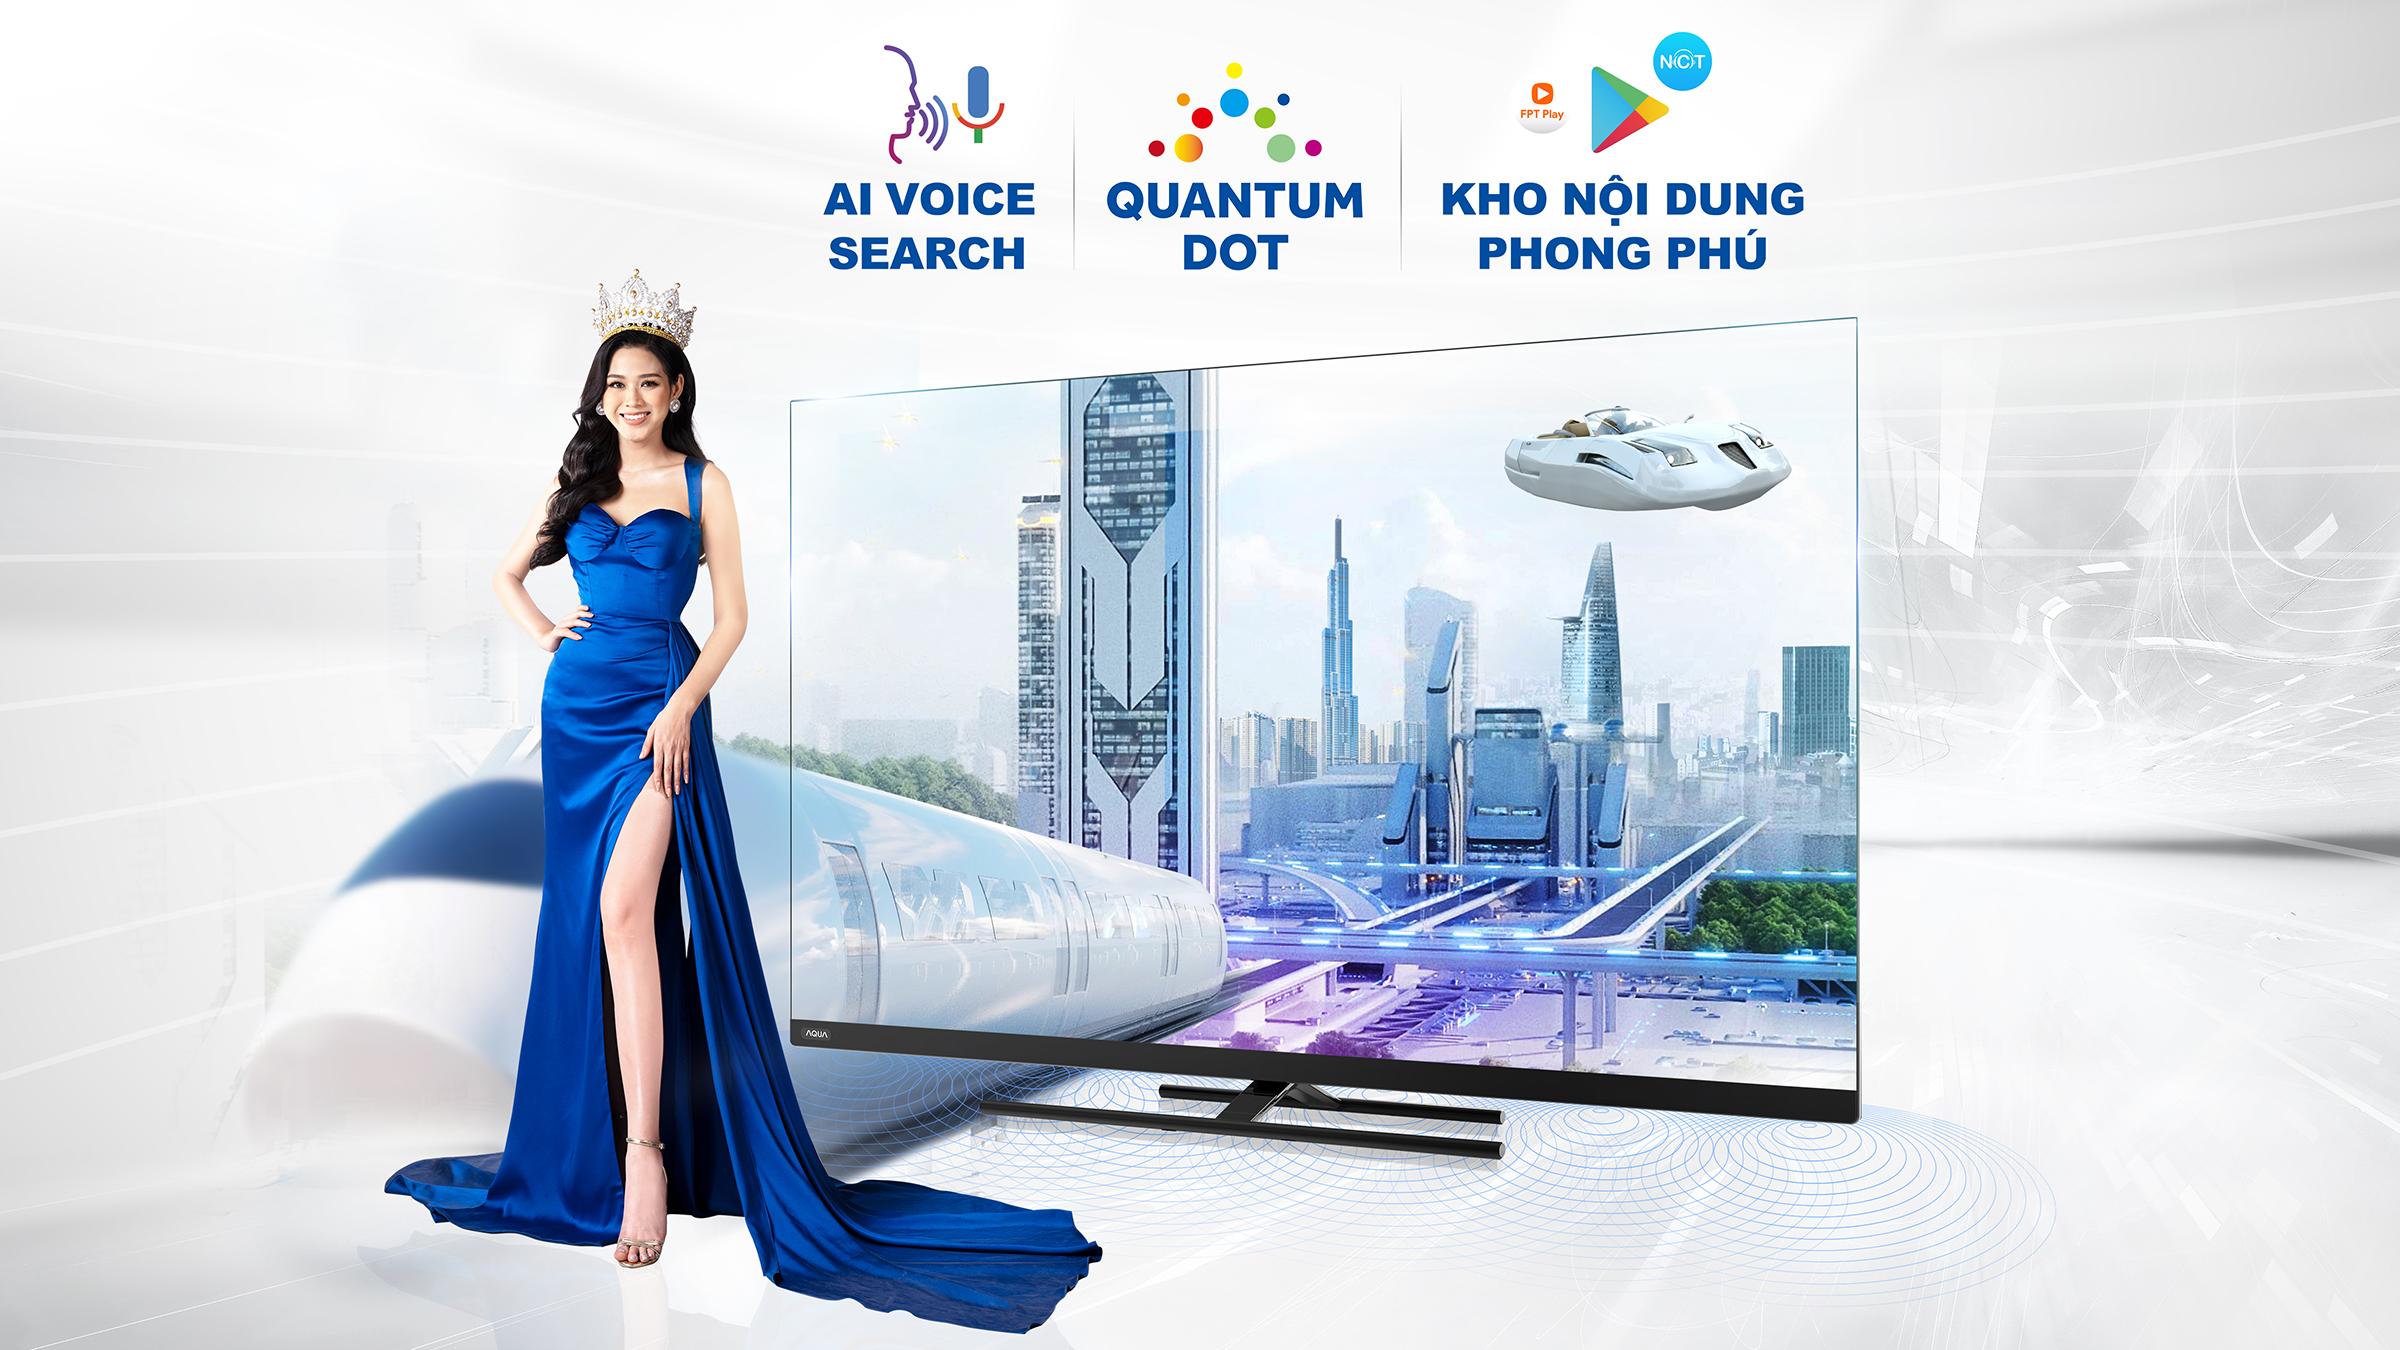 Hoa hậu Đỗ Thị Hà trở thành đại sứ thương hiệu Aqua cùng lan tỏa thông điệp về cuộc sống tiện nghi, chất lượng.